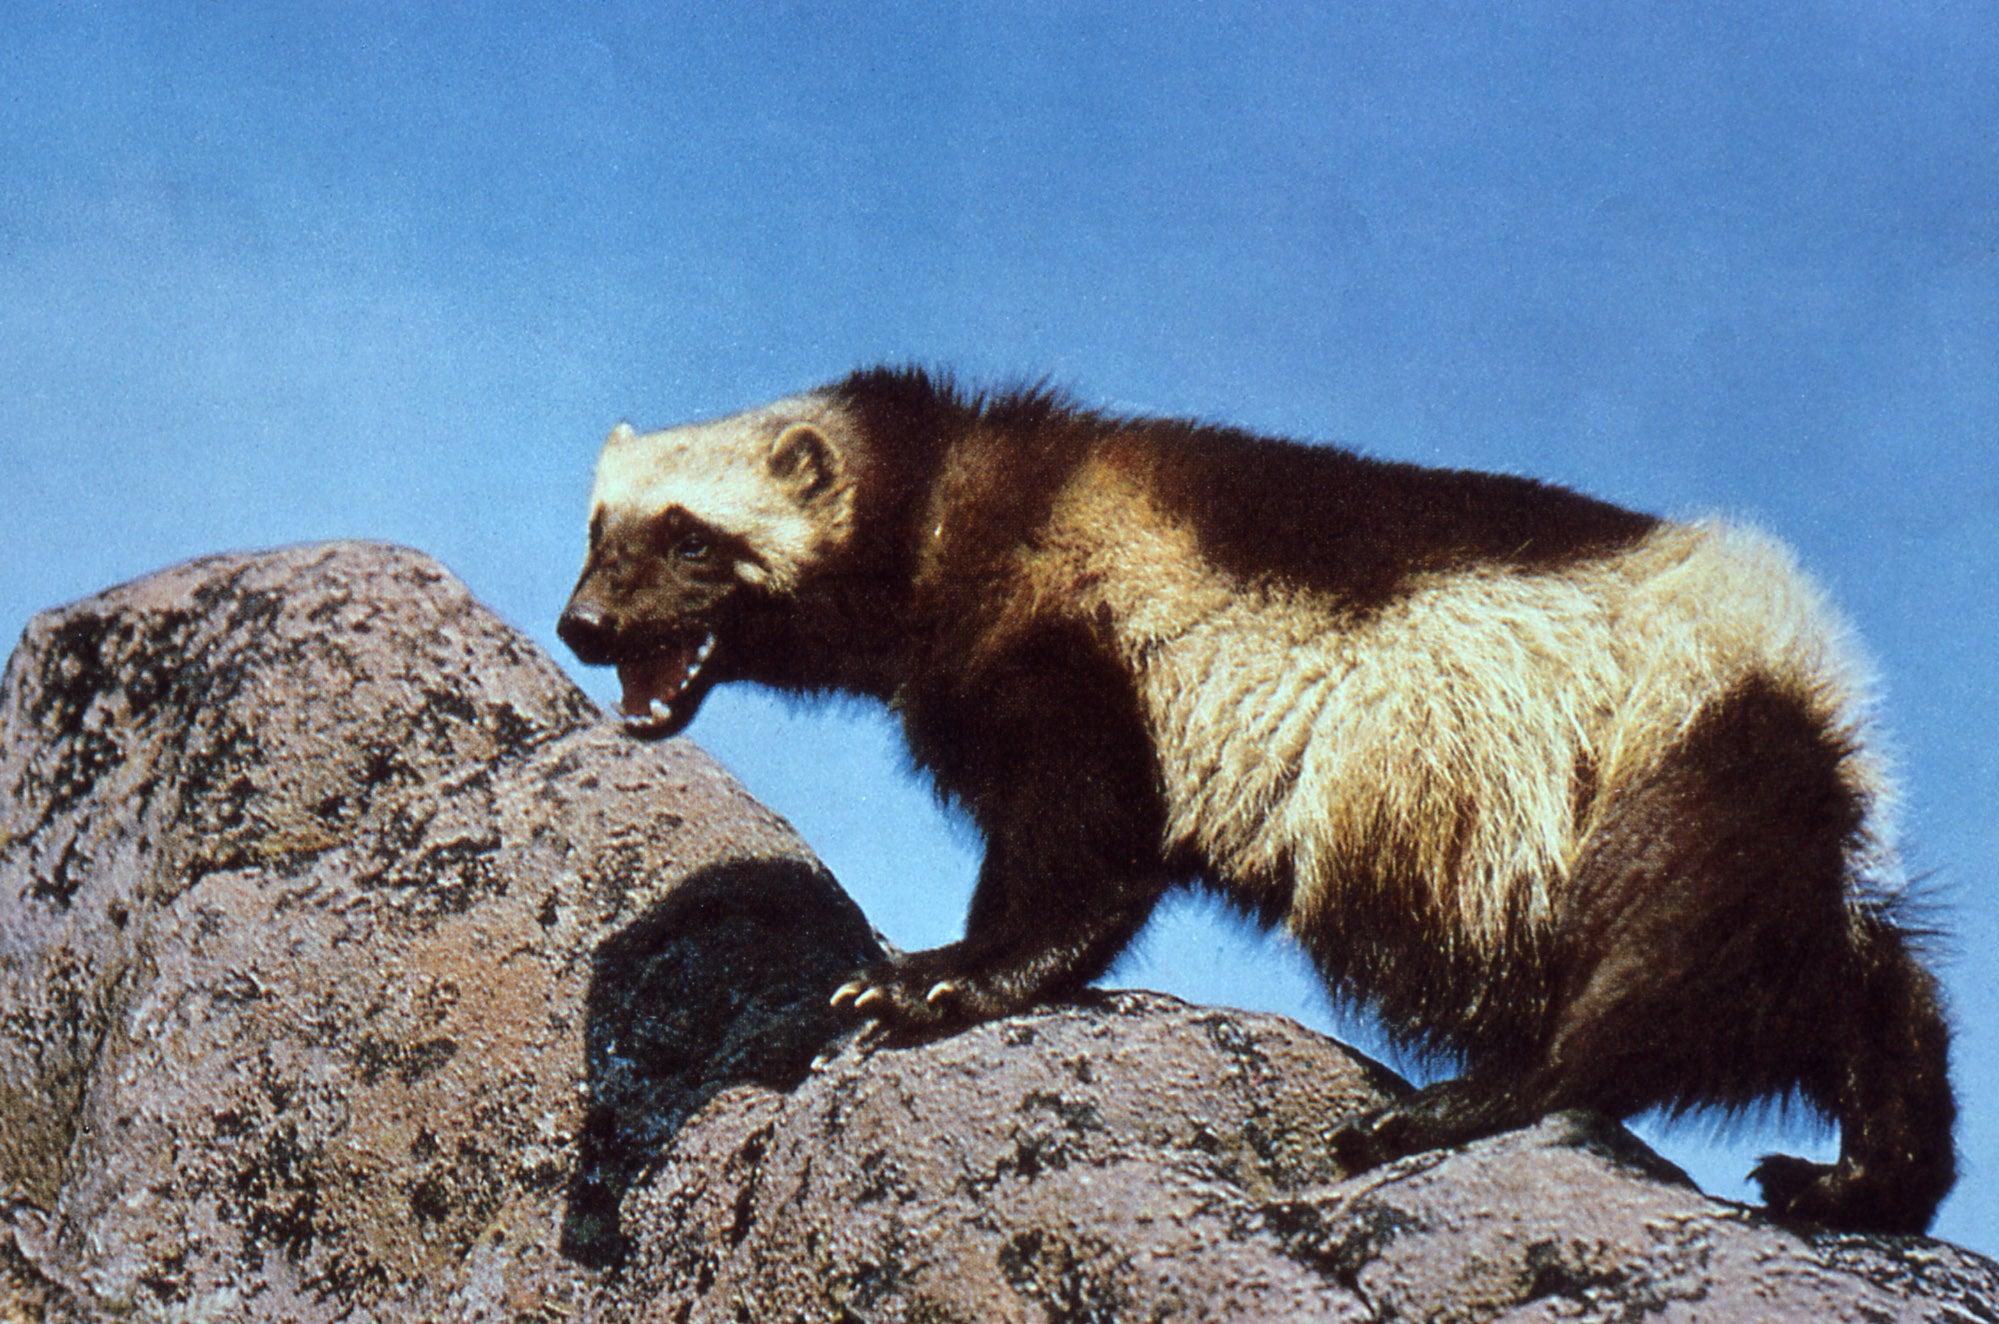 wolverine, usfws, endangered species, threatened species